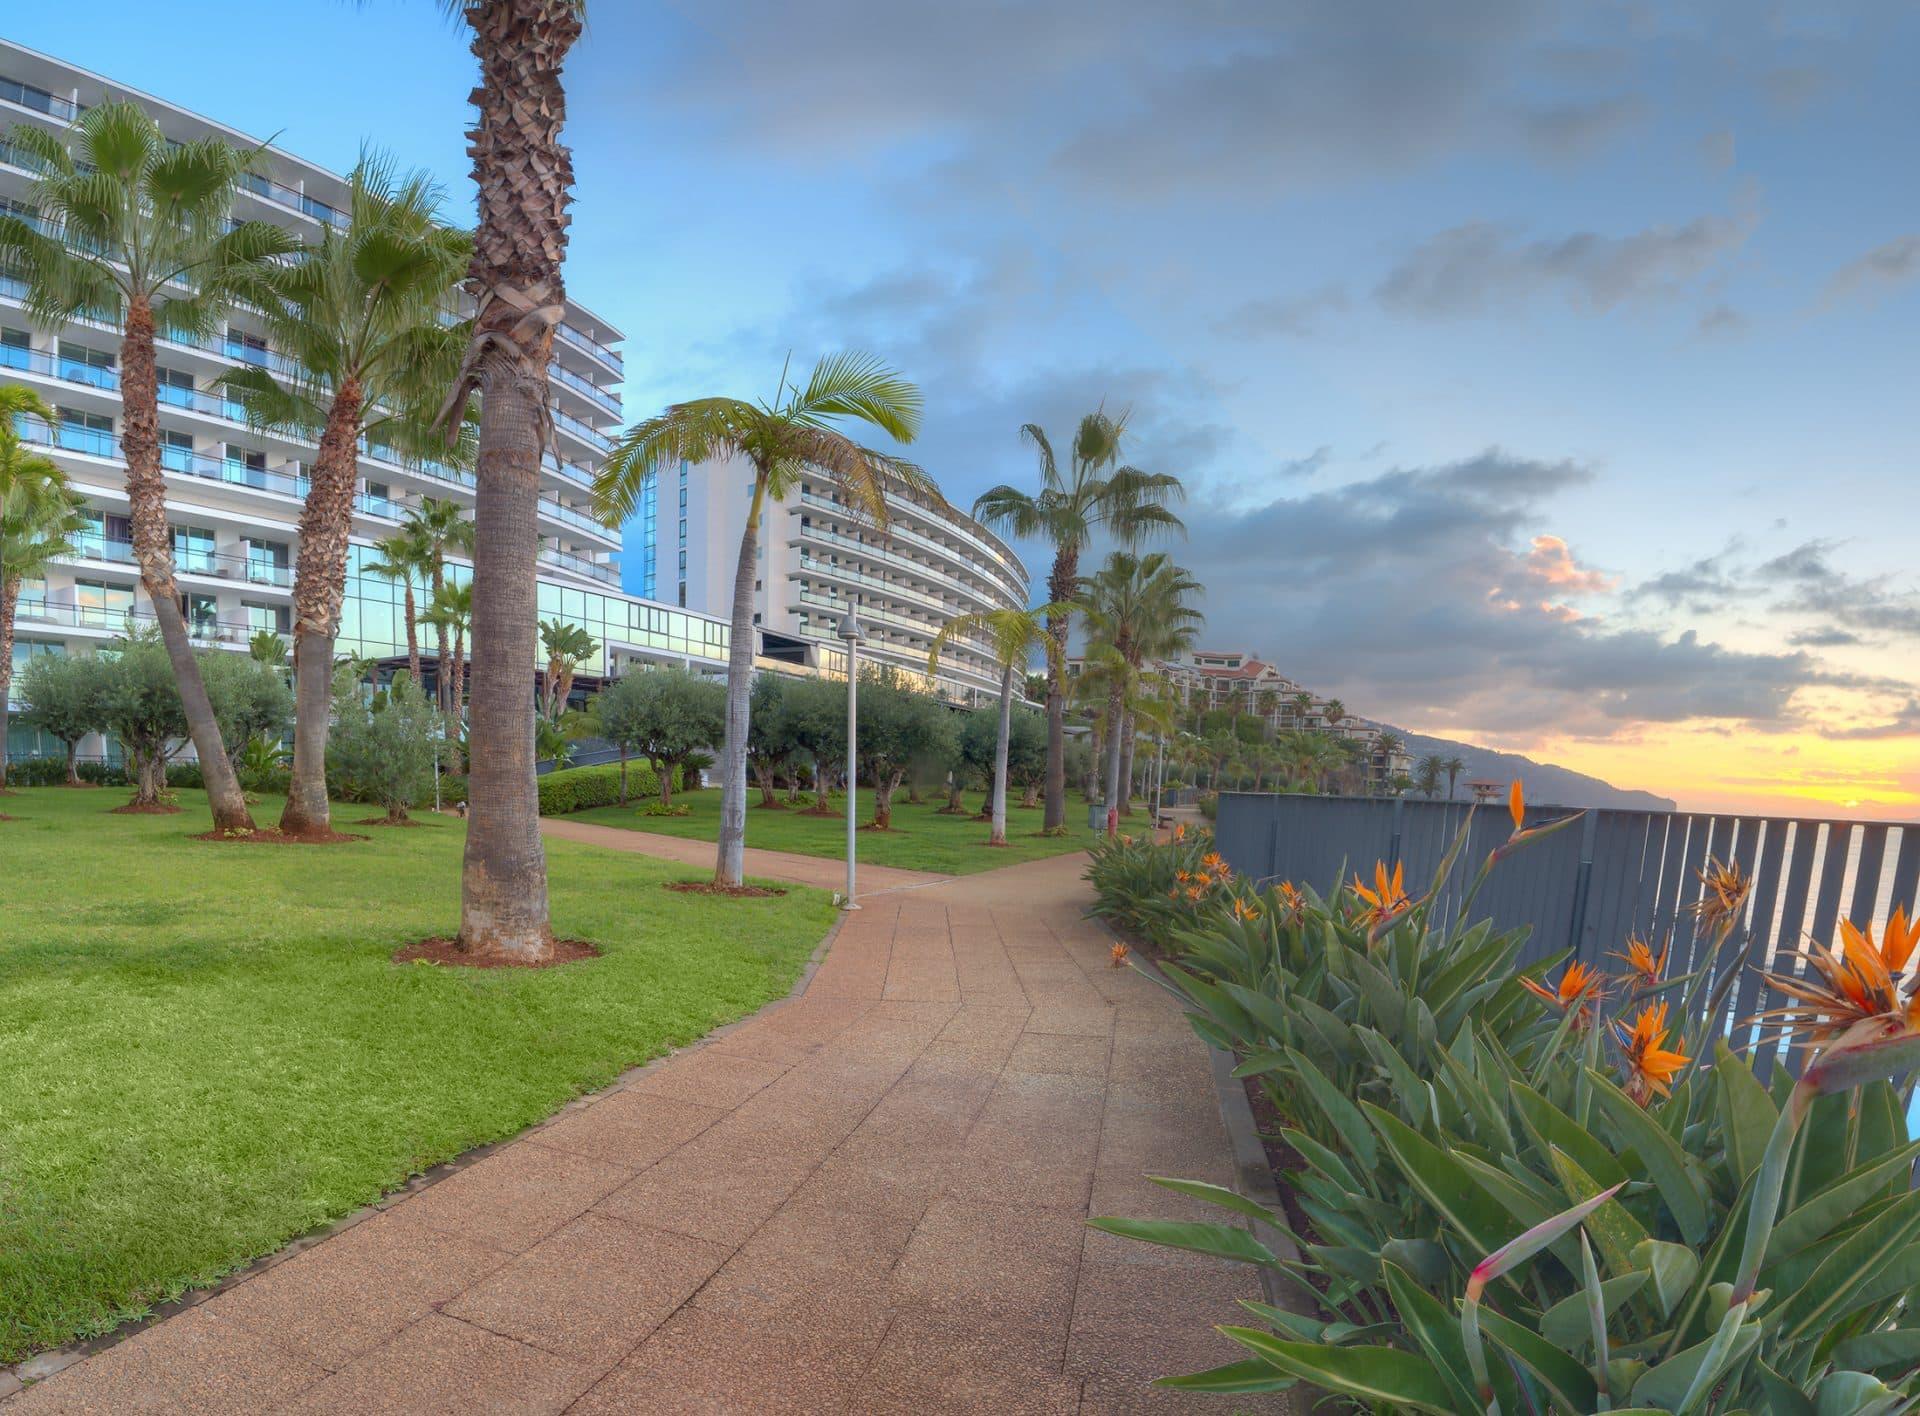 resort-gardens-VidaMar-hotels-resorts-madeira